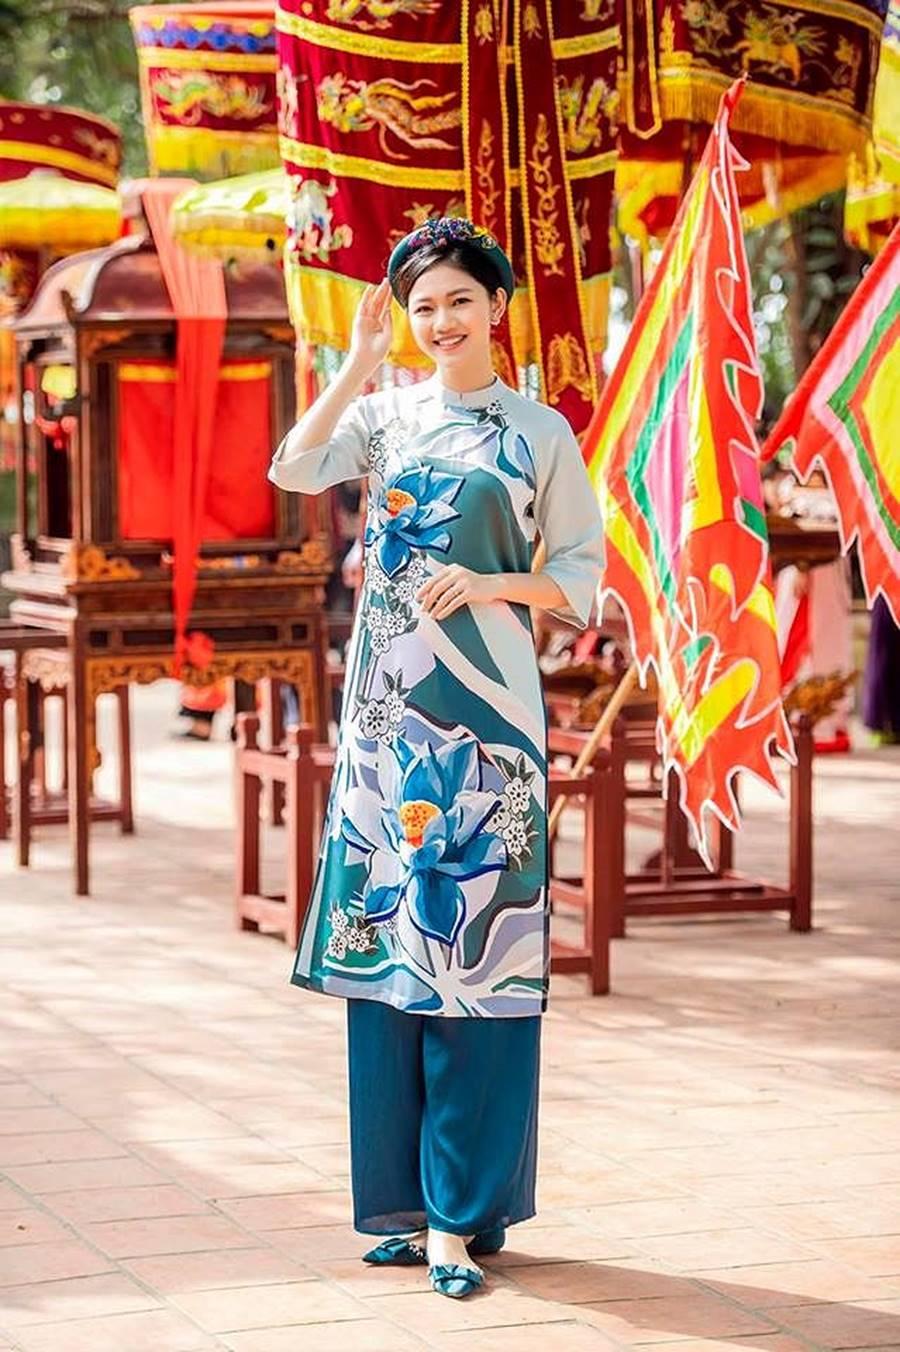 Hoa hậu Tiểu Vy, Á hậu Phương Nga đốn tim fans với váy áo lộng lẫy-10